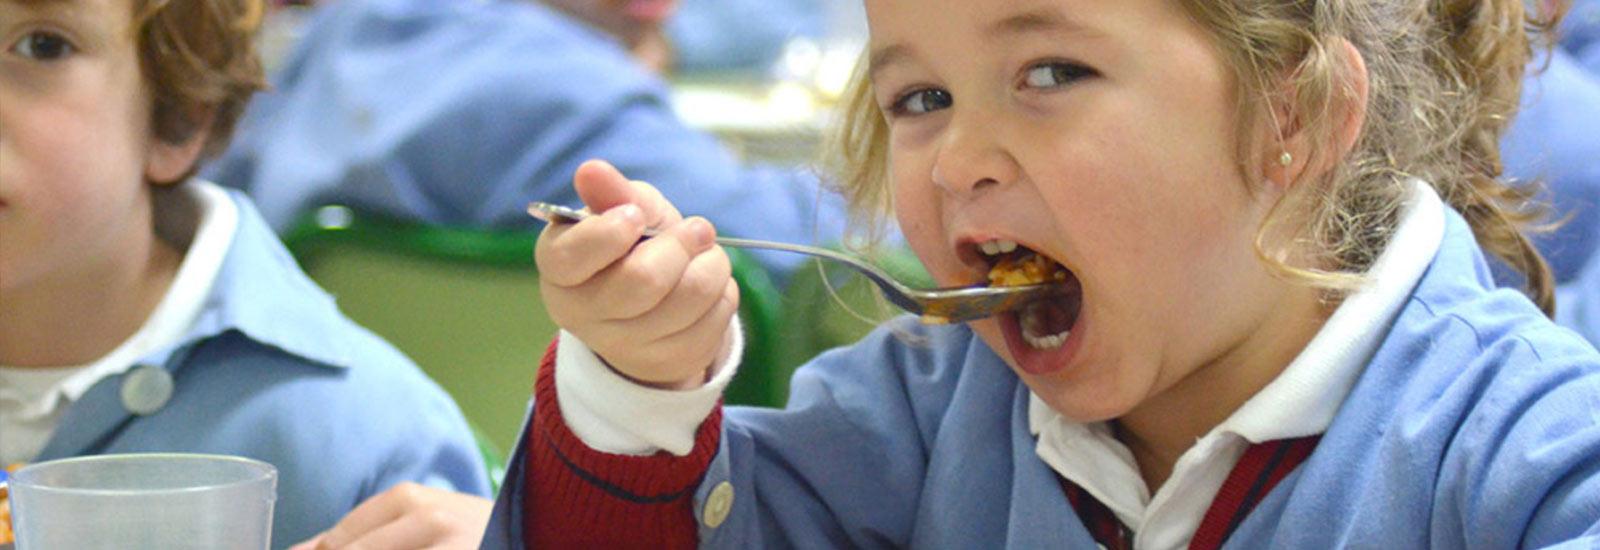 La carne en los menús de comedores escolares